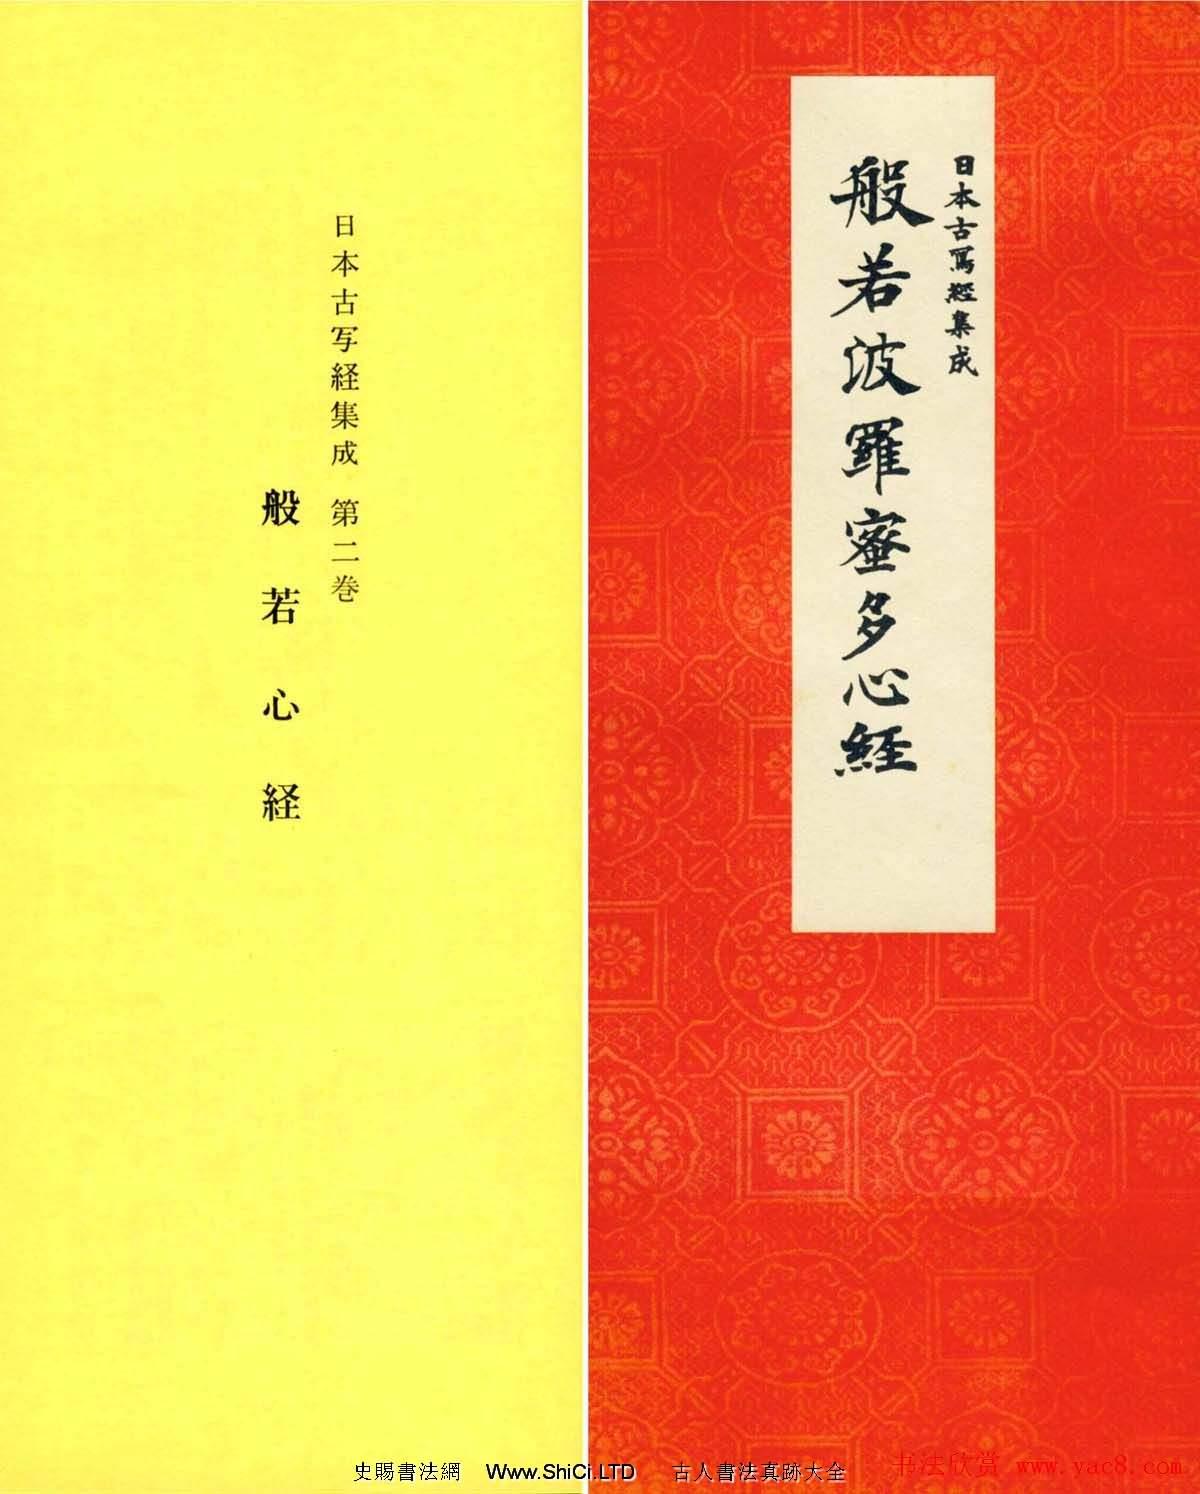 日本古寫經集成--般若波羅密多心經